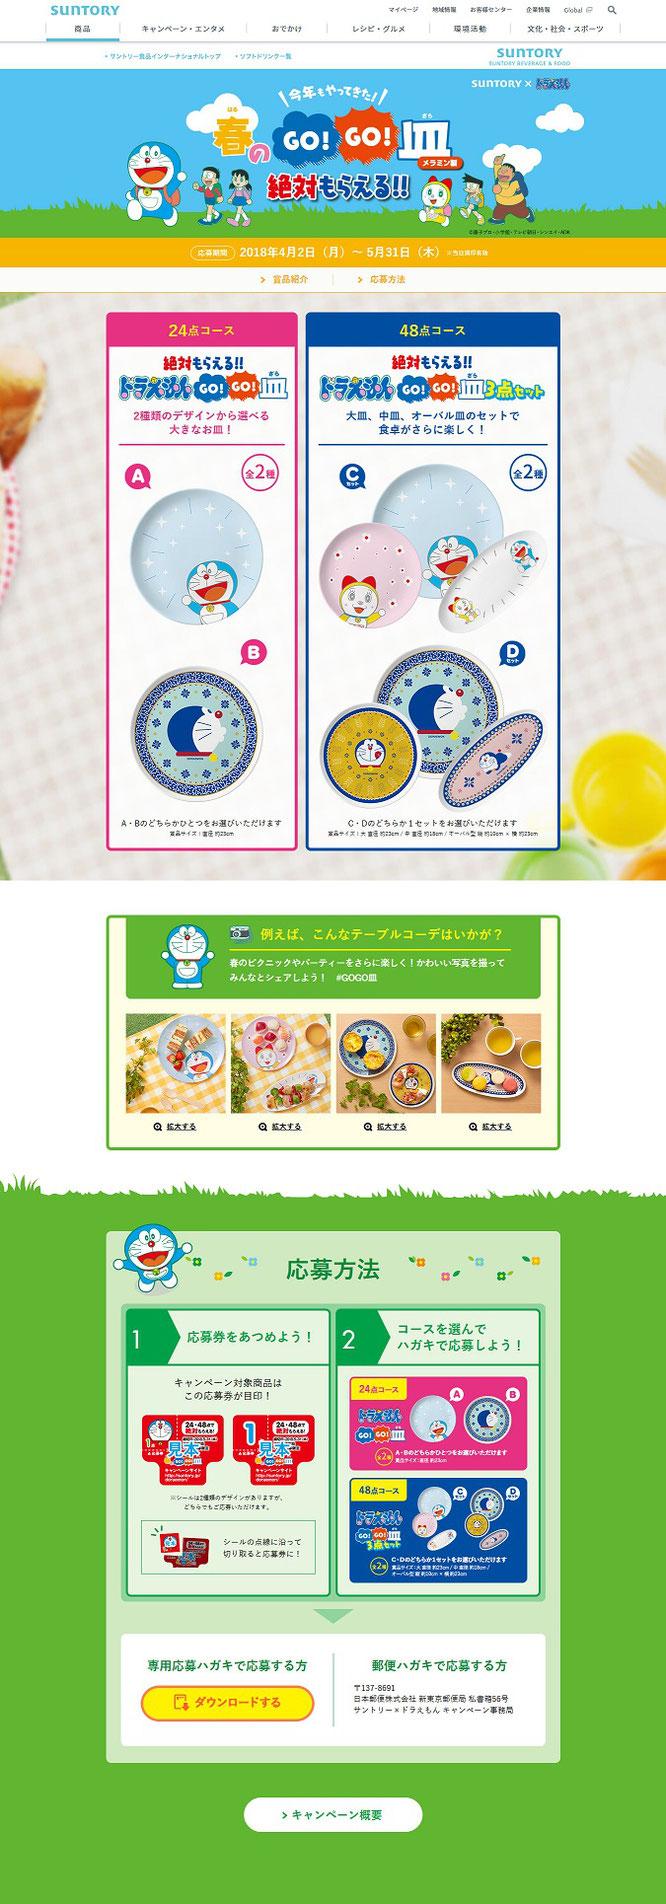 【サントリー】春の「ドラえもん GO GO 皿」絶対もらえるキャンペーン